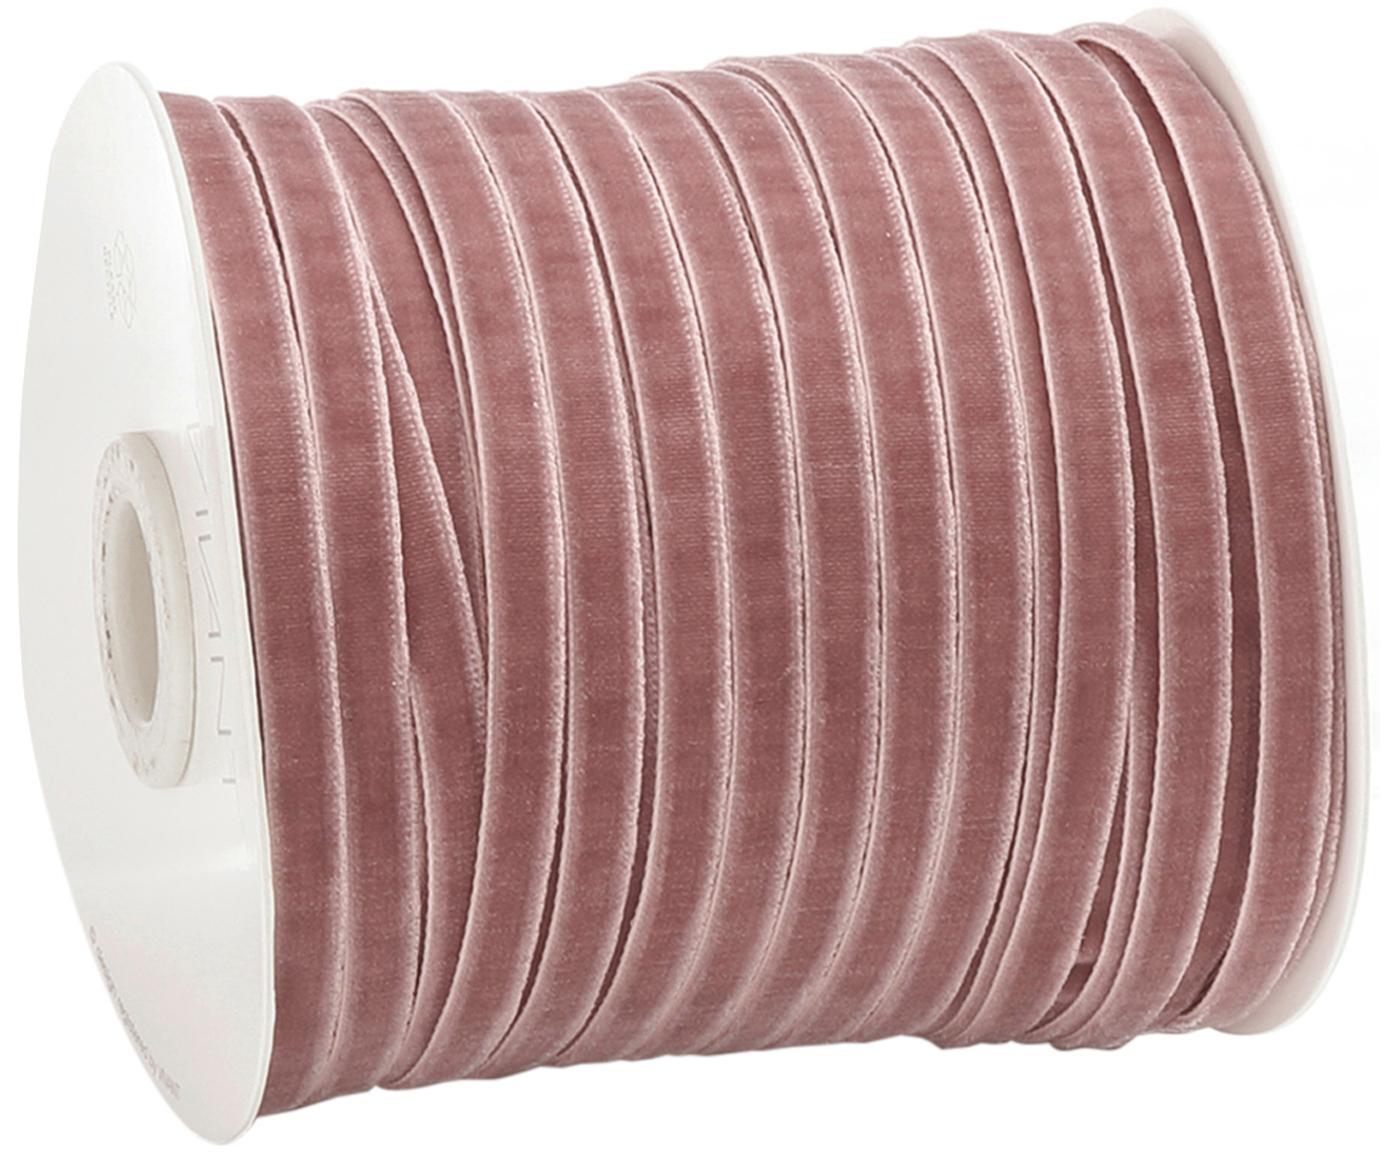 Wstążka prezentowa Velveta, Nylon, Różowy, S 0,6 x D 10000 cm